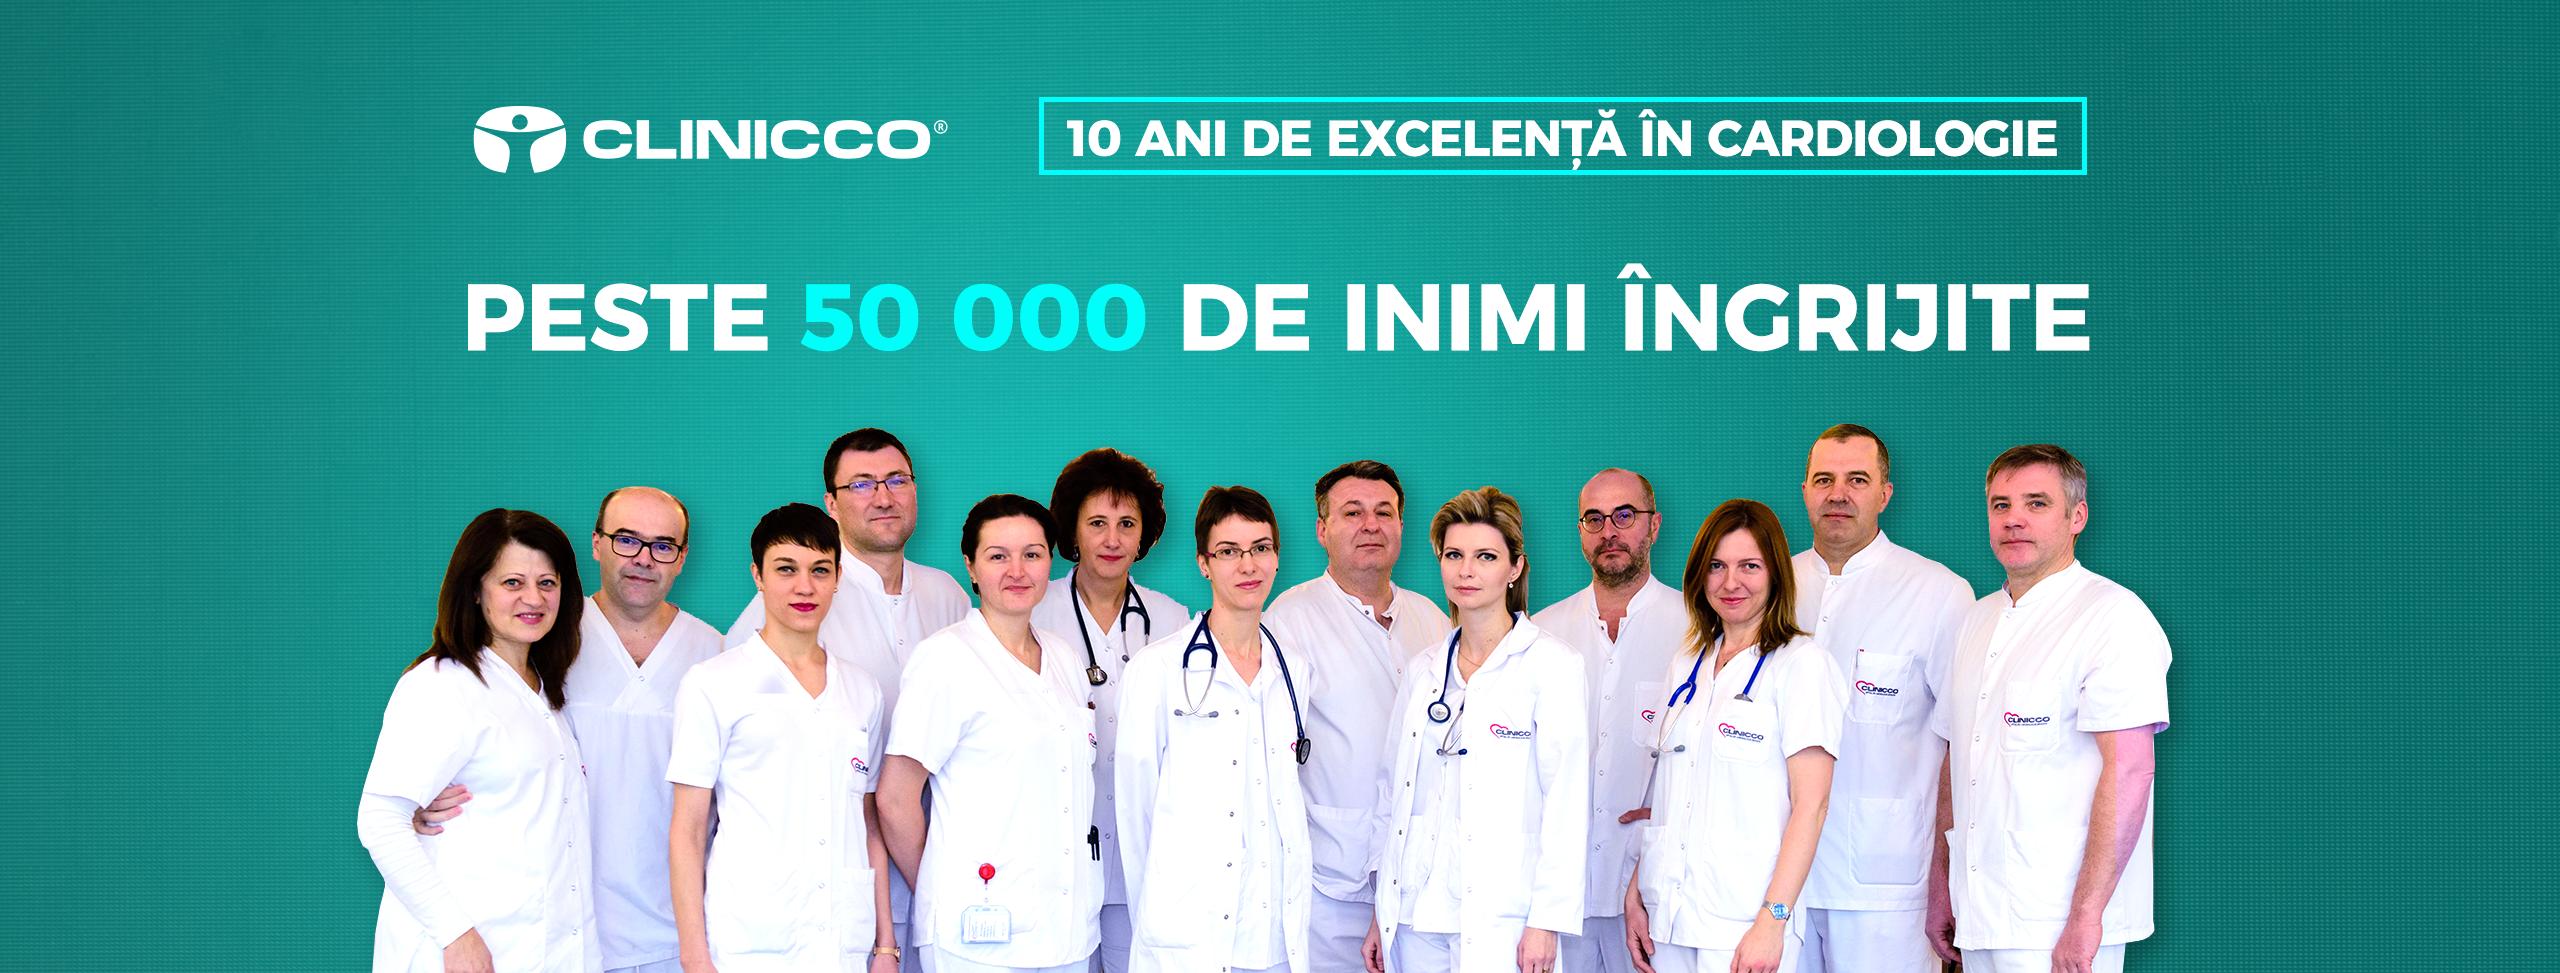 10 ani de excelență în cardiologie, peste 50 000 de inimi îngrijite la Clinicco Brașov